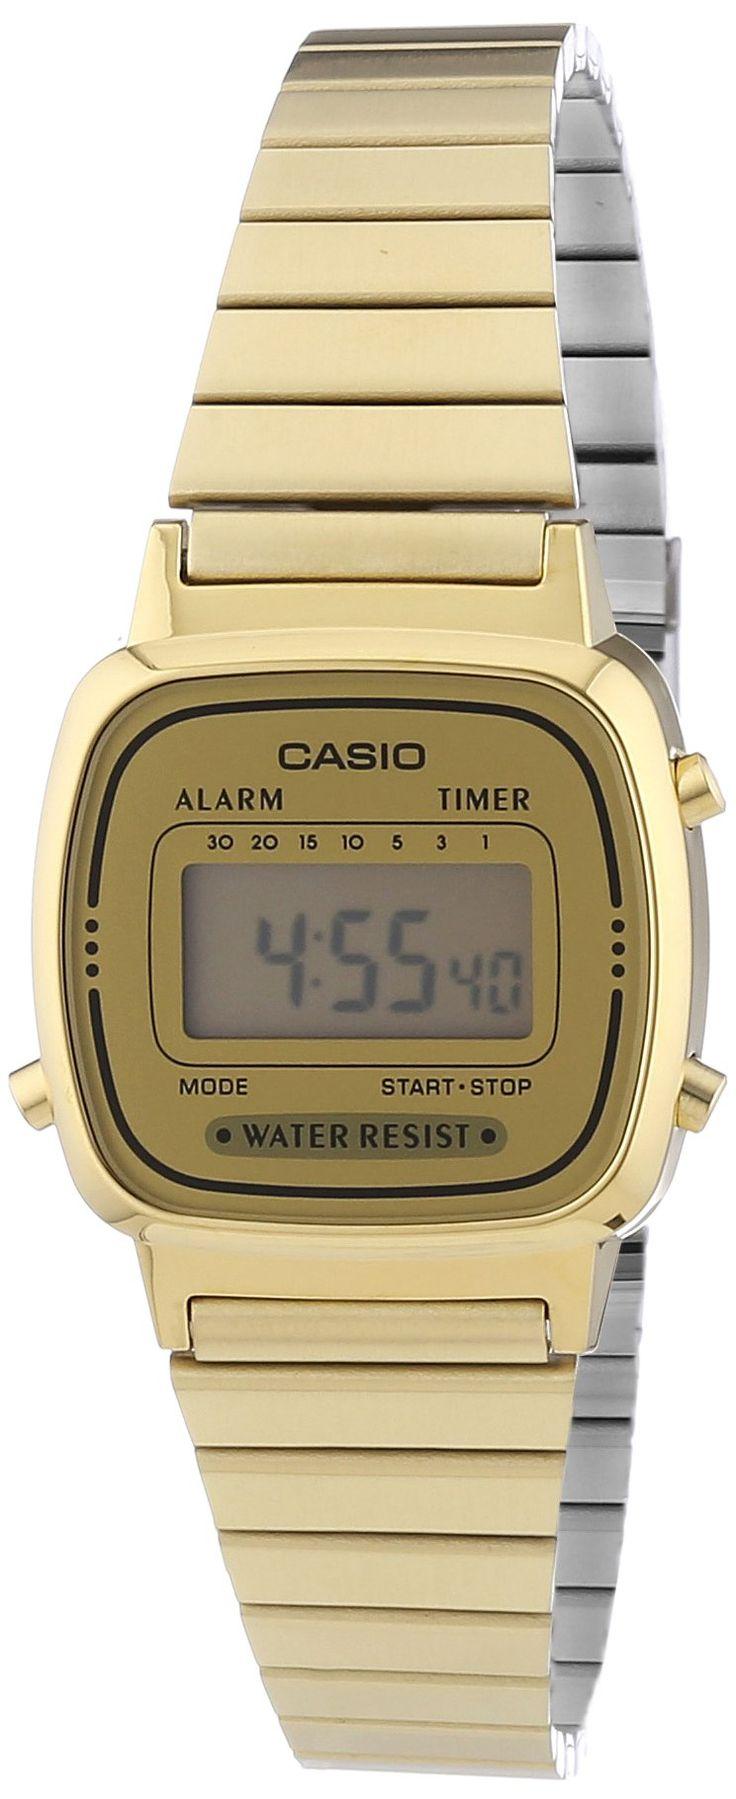 CASIO La670Wega-9Ef - Reloj de mujer de cuarzo, correa de acero inoxidable color oro: Amazon.es: Relojes